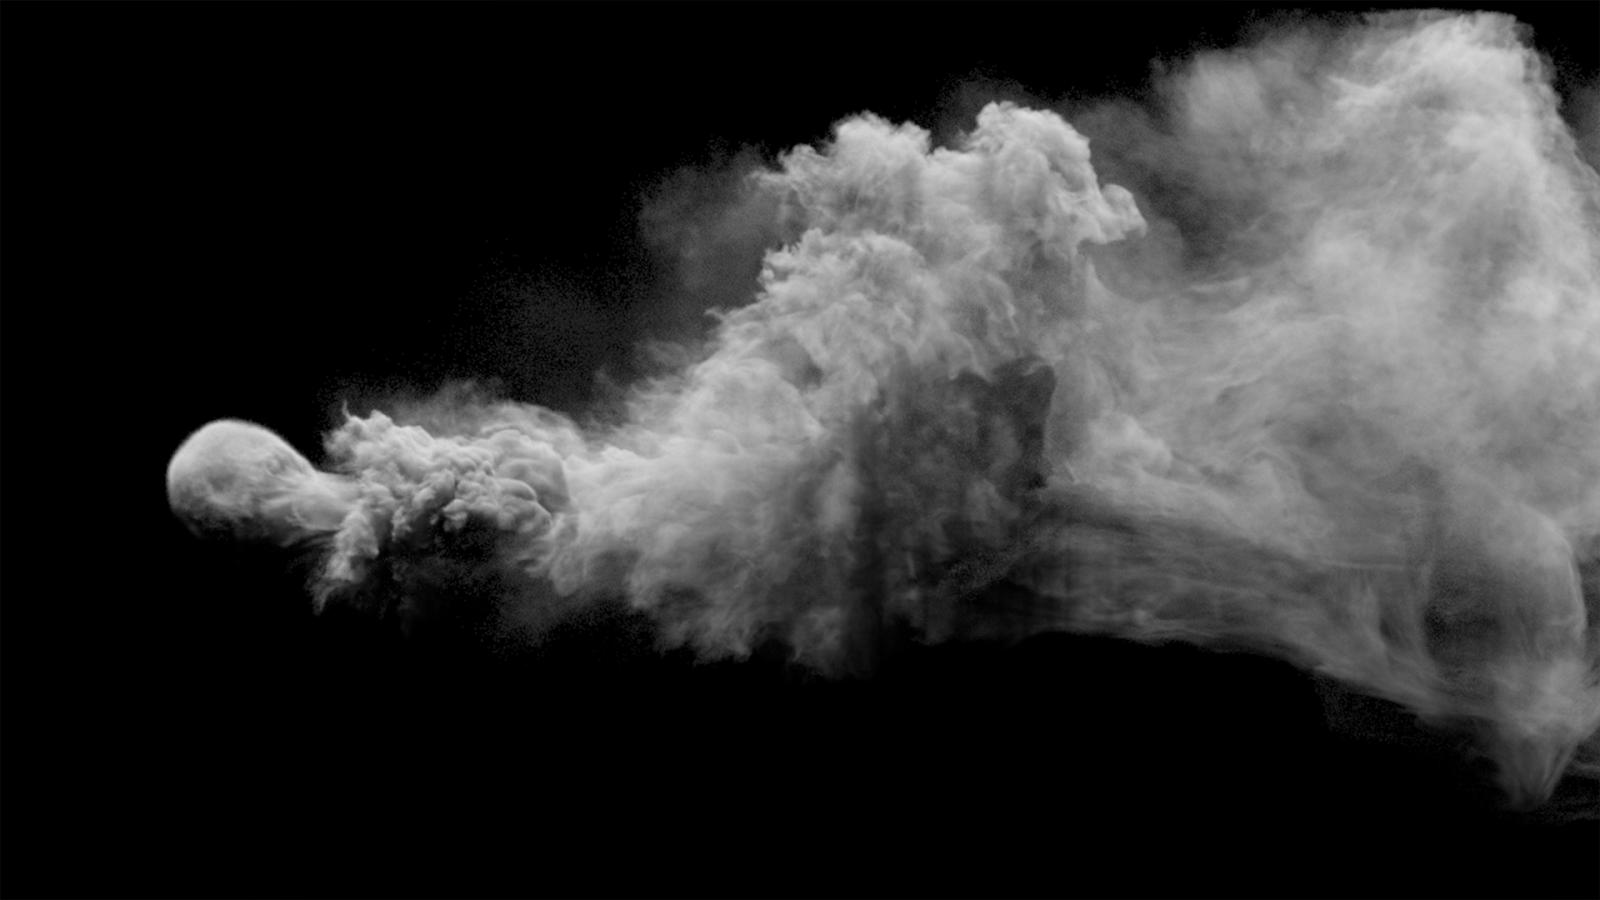 A_KAY EDITS: Hd Smoke Png (6